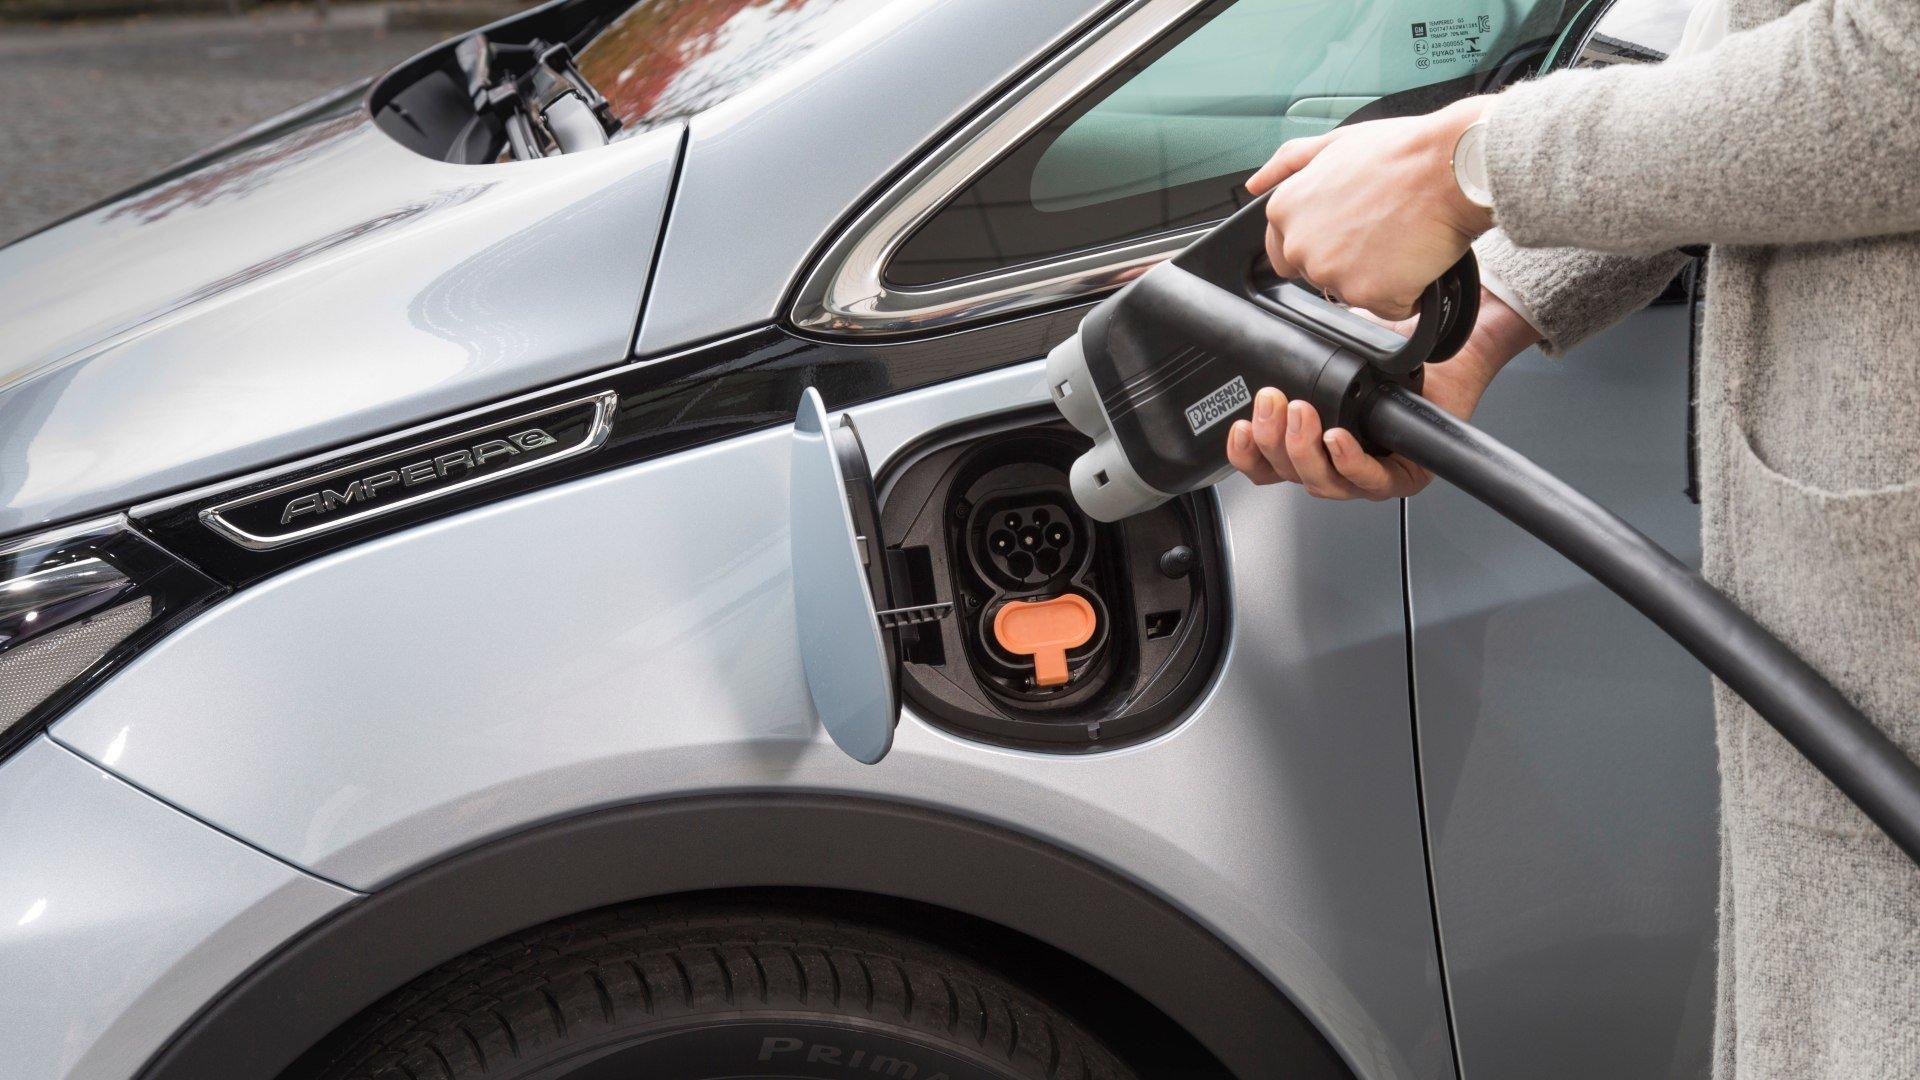 La nueva ofensiva eléctrica de Opel traerá seis nuevos modelos para 2021